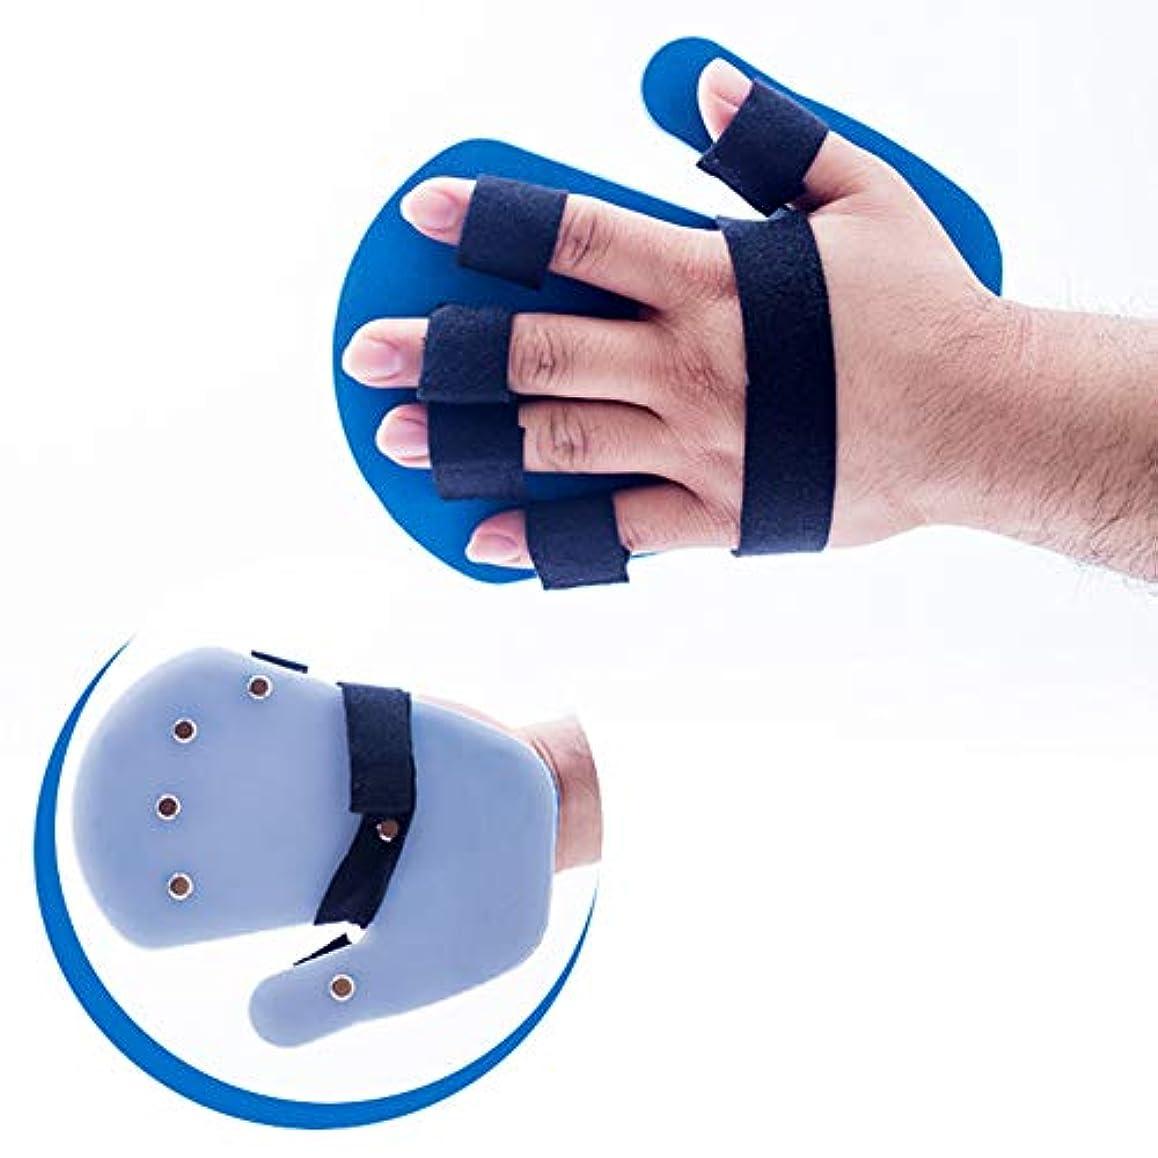 好色な演劇扱う指のサポートスプリント親指手首の傷害回復スプリントフィンガーセパレーター手アライナー手根管関節の痛み軽減装具指サポートトレーニングブラケット,righthand